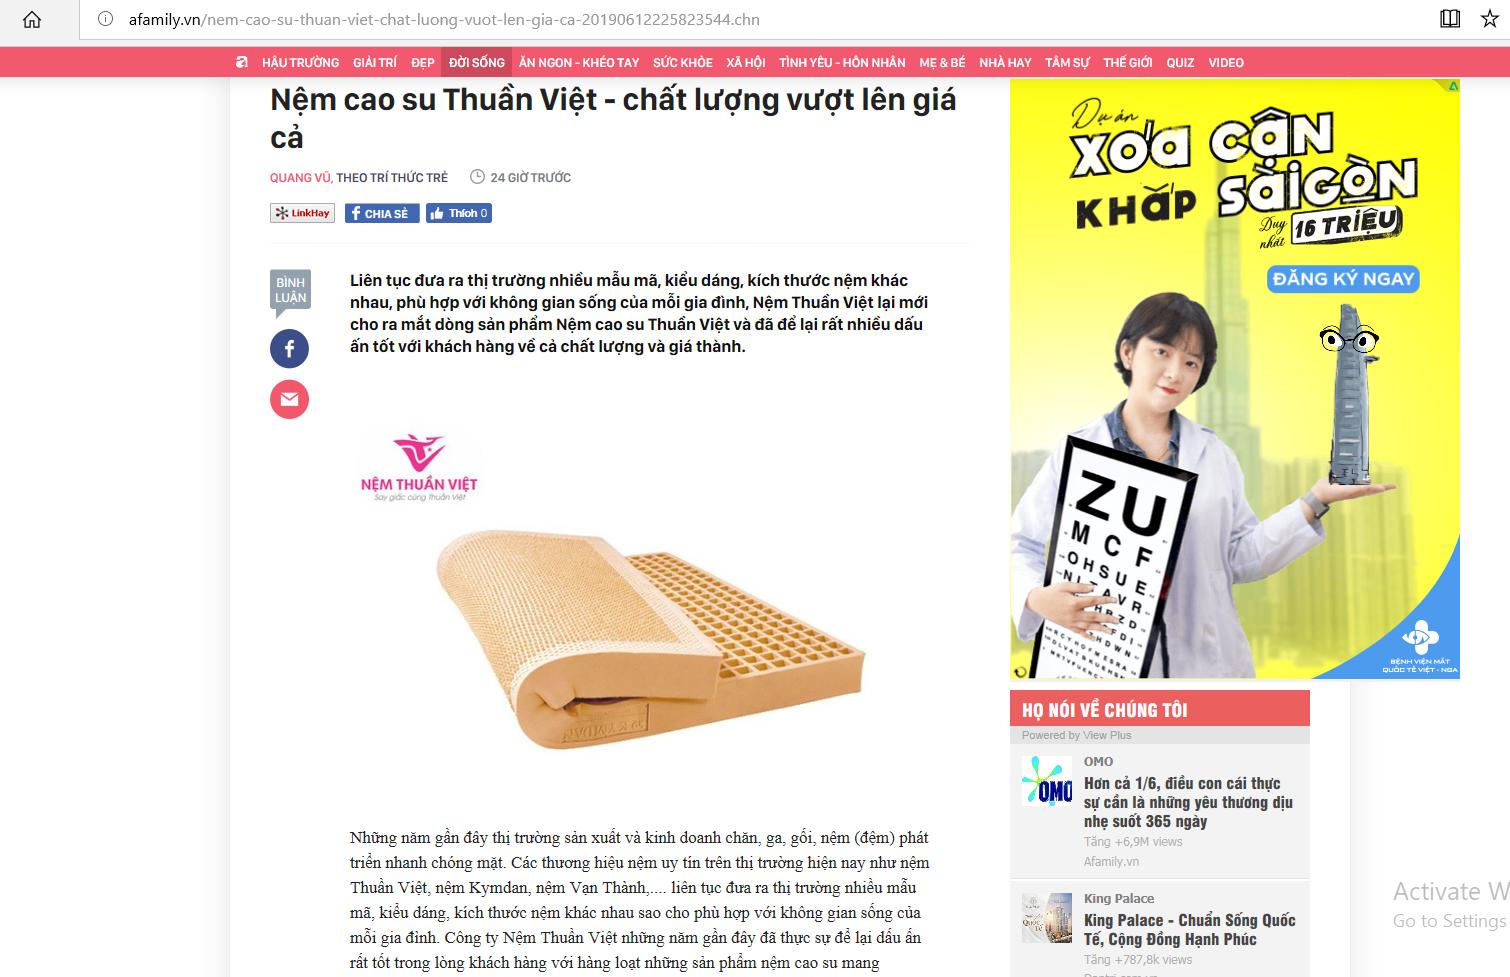 Nệm cao su Thuần Việt - chất lượng vượt lên giá cả trên báo Afamily